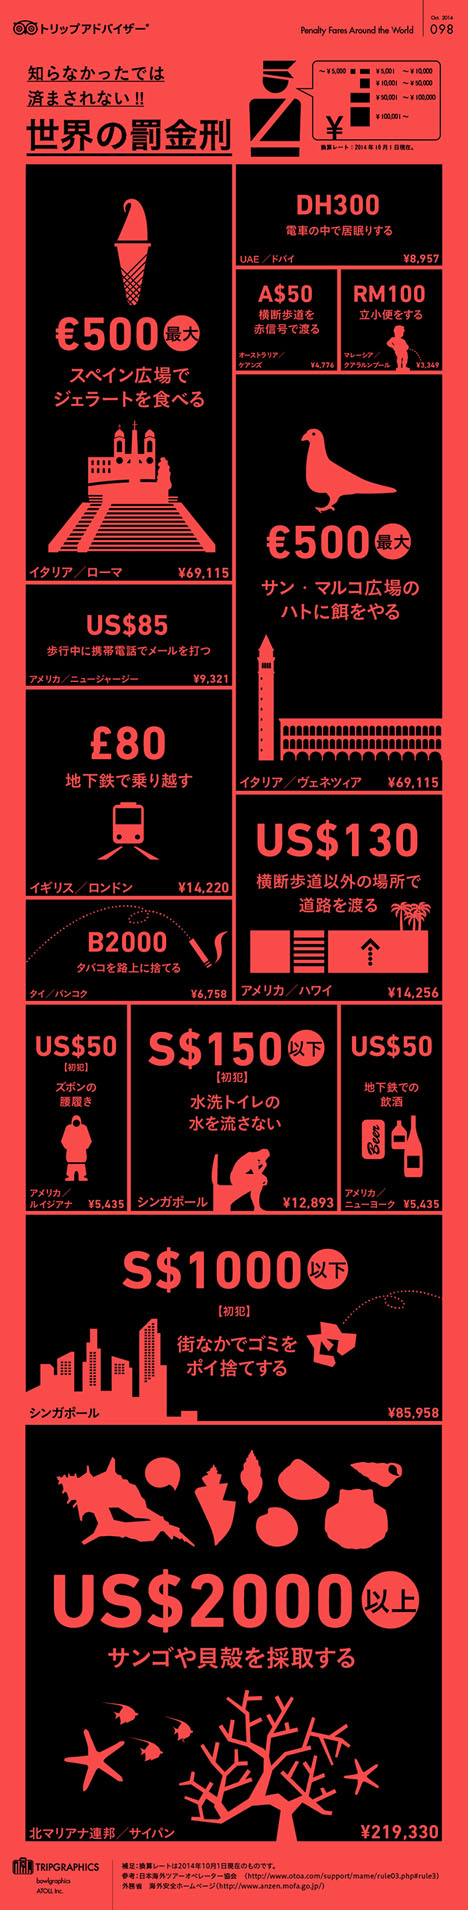 海外旅行、知らなかったでは済まされない、世界の罰金刑!トリップアドバイザー「トリップグラフィックス」最新版